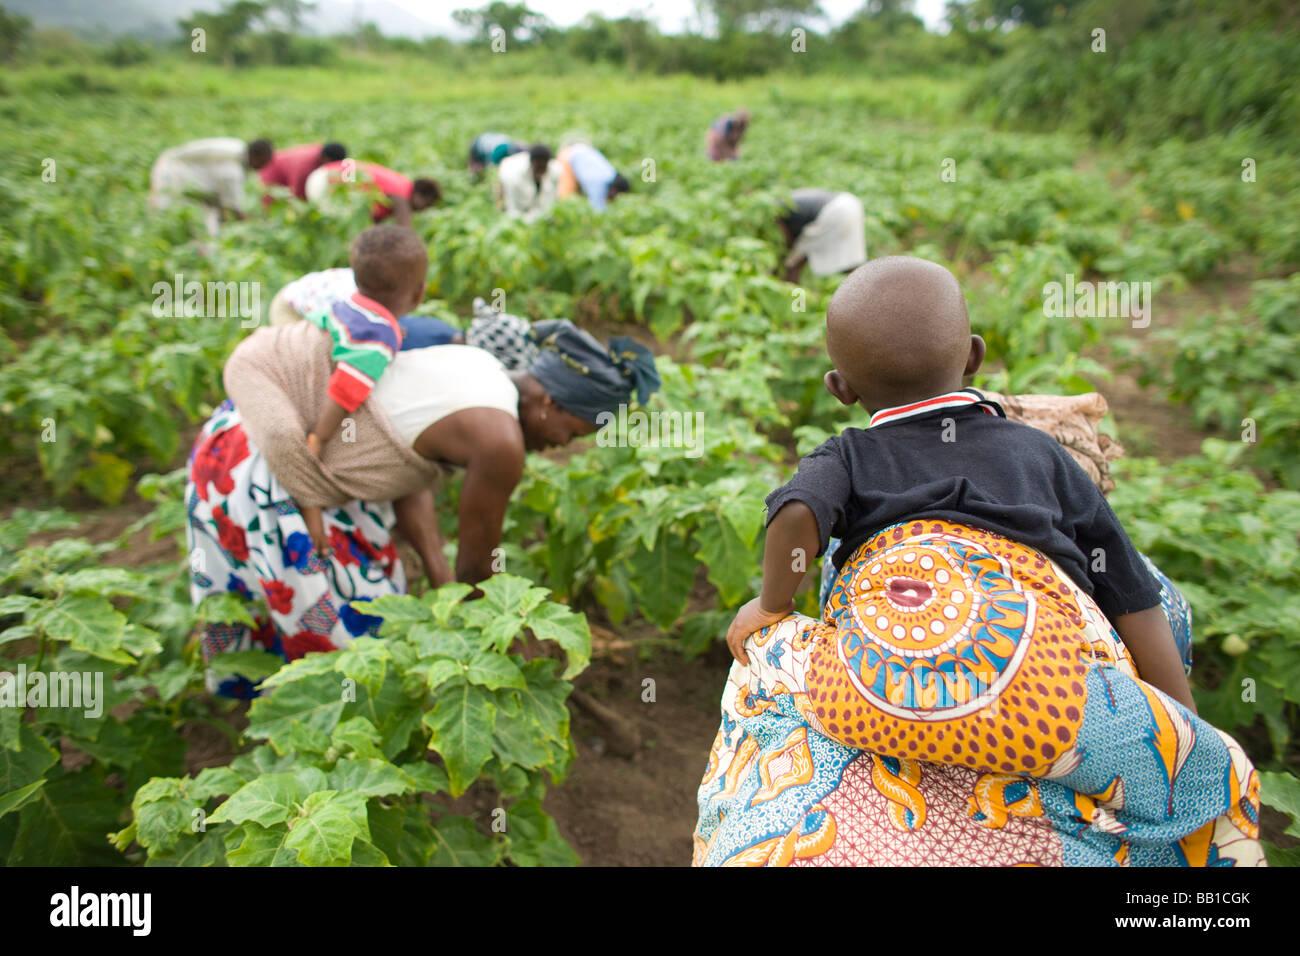 Le donne che lavorano in campo con i bambini sulle loro spalle, hanno, Ghana, Africa. Immagini Stock